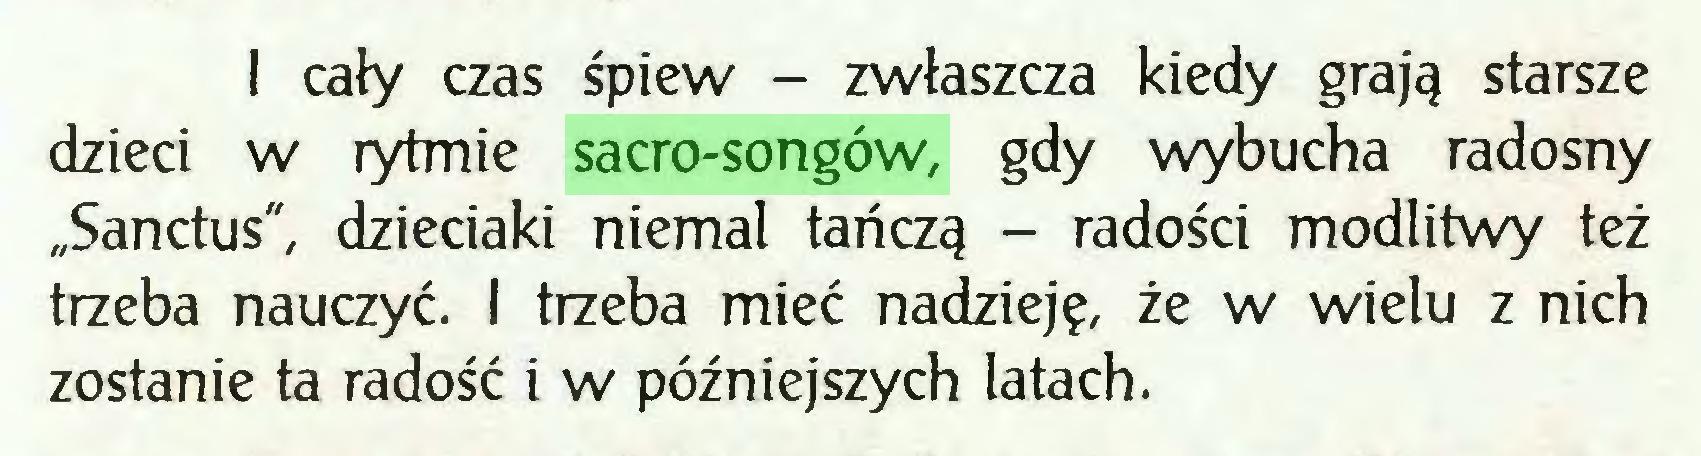 """(...) I cały czas śpiew - zwłaszcza kiedy grają starsze dzieci w rytmie sacro-songów, gdy wybucha radosny """"Sanctus"""", dzieciaki niemal tańczą - radości modlitwy też trzeba nauczyć. I trzeba mieć nadzieję, że w wielu z nich zostanie ta radość i w późniejszych latach..."""